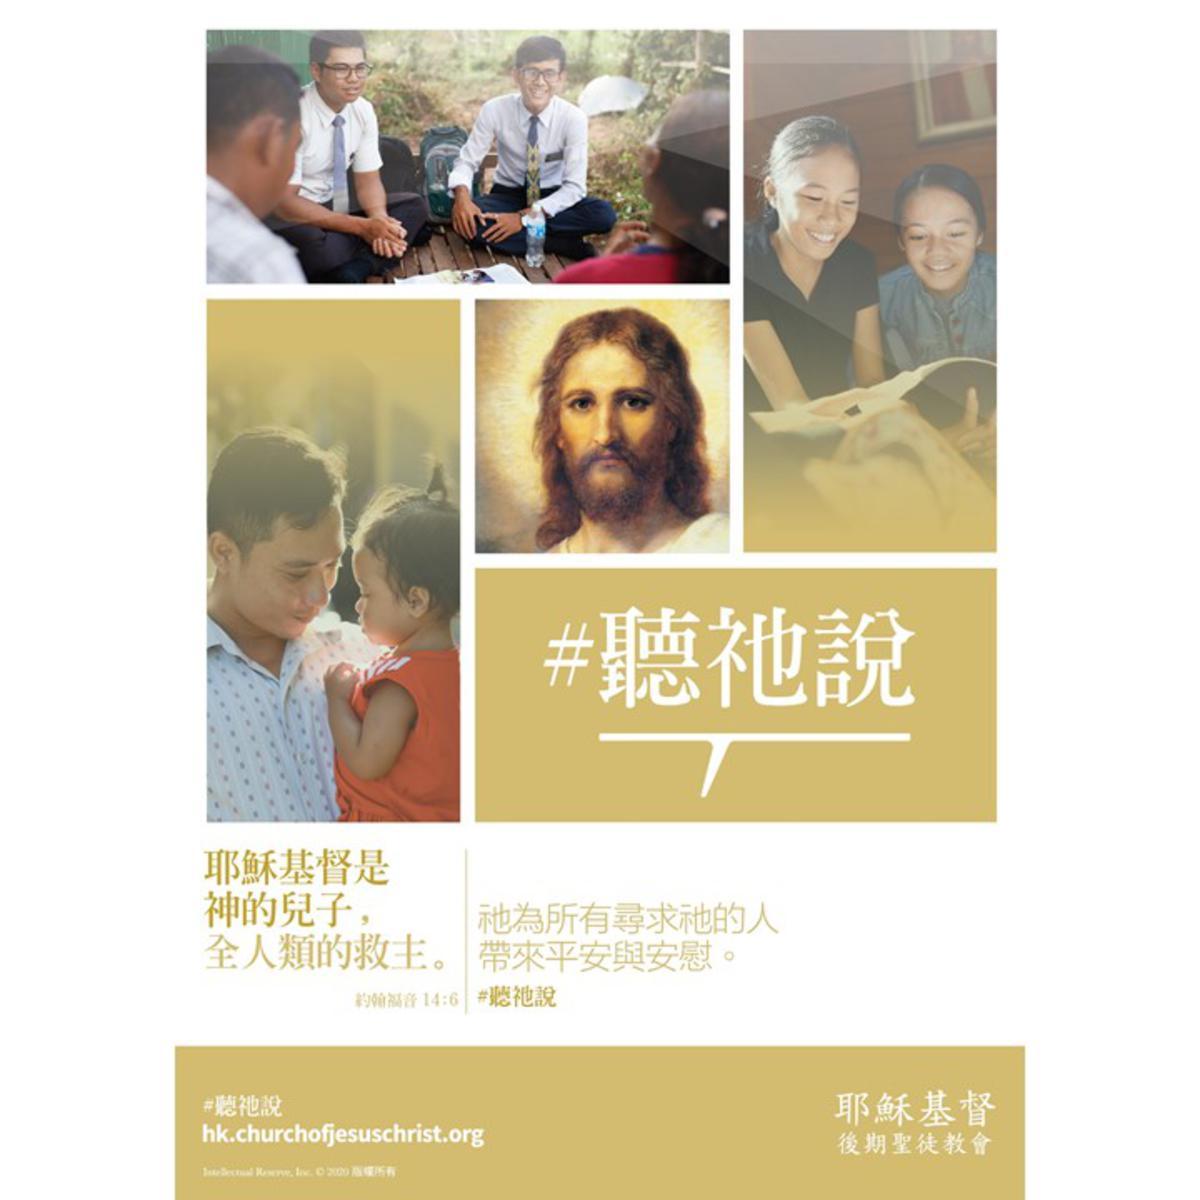 耶穌基督是神的兒子,全人類的救主